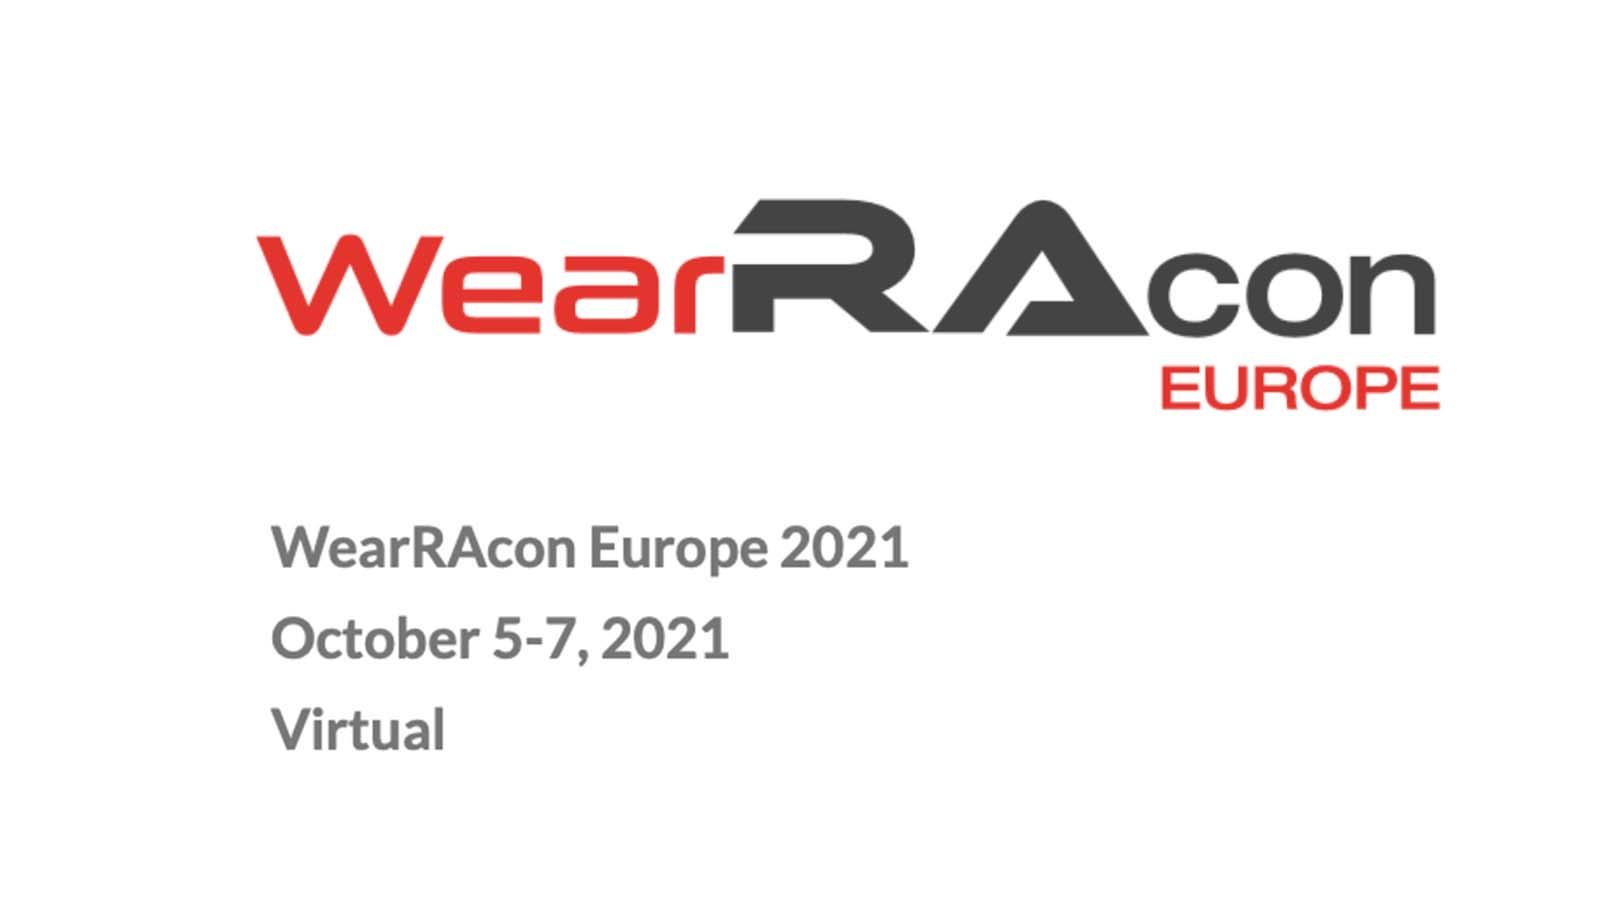 WearRAcon Europe 2021